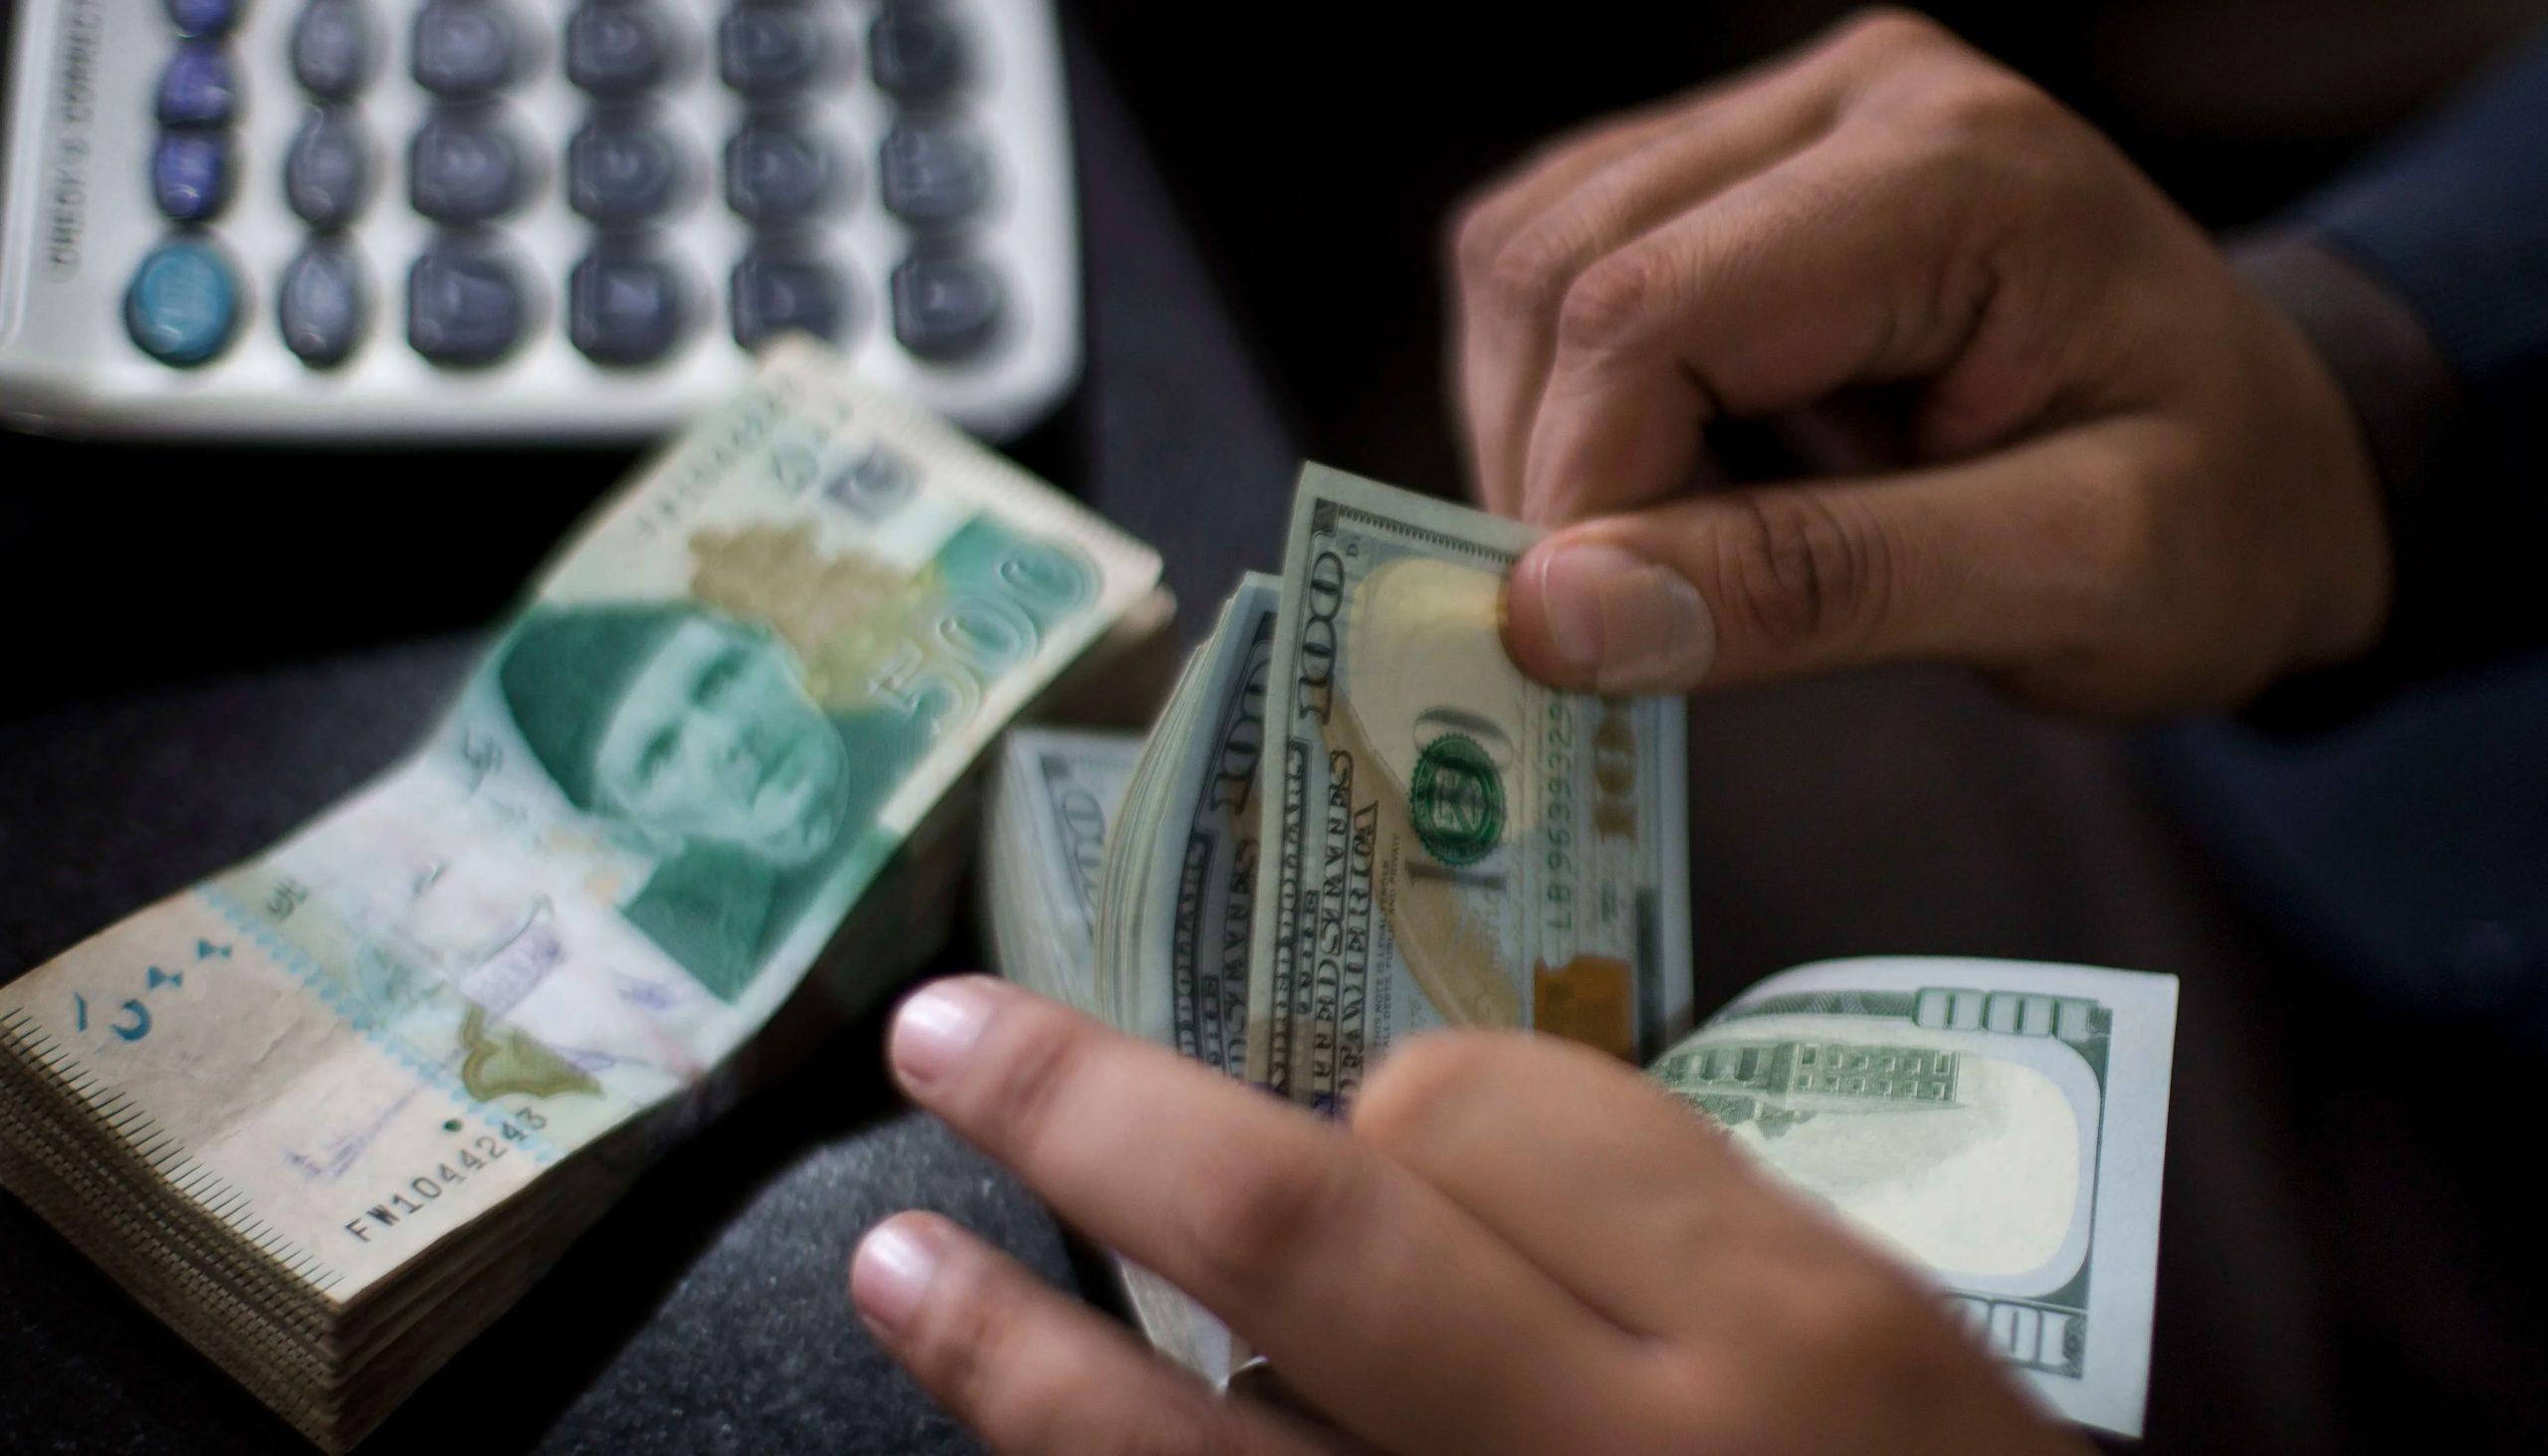 بڑھتی مہنگائی اور ملکی مسائل محمد فاروق چوہان